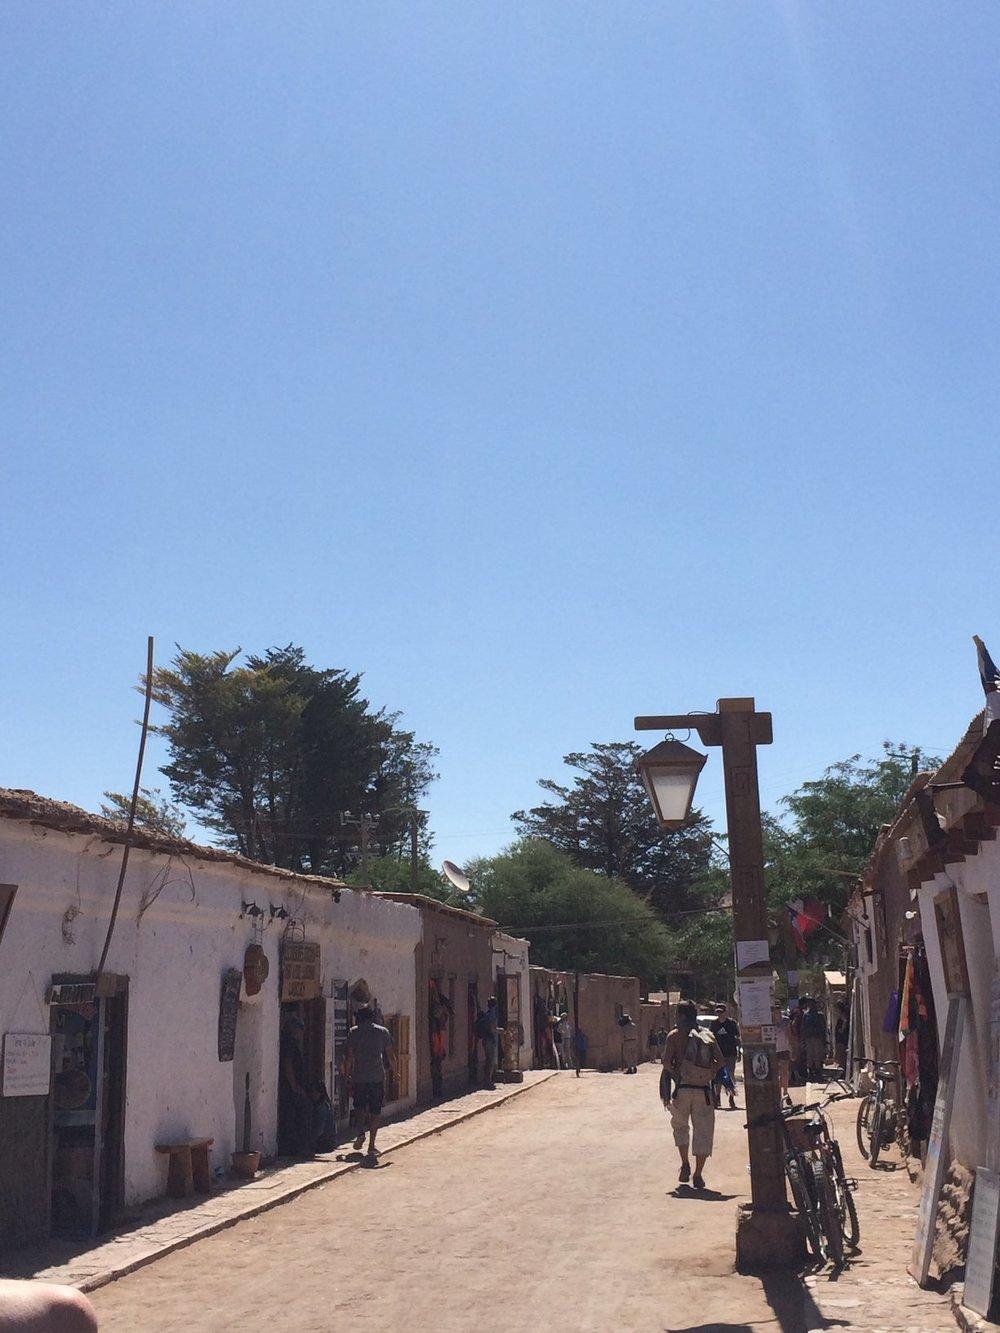 vila san pedro do atacama chile leroy viagens.jpg